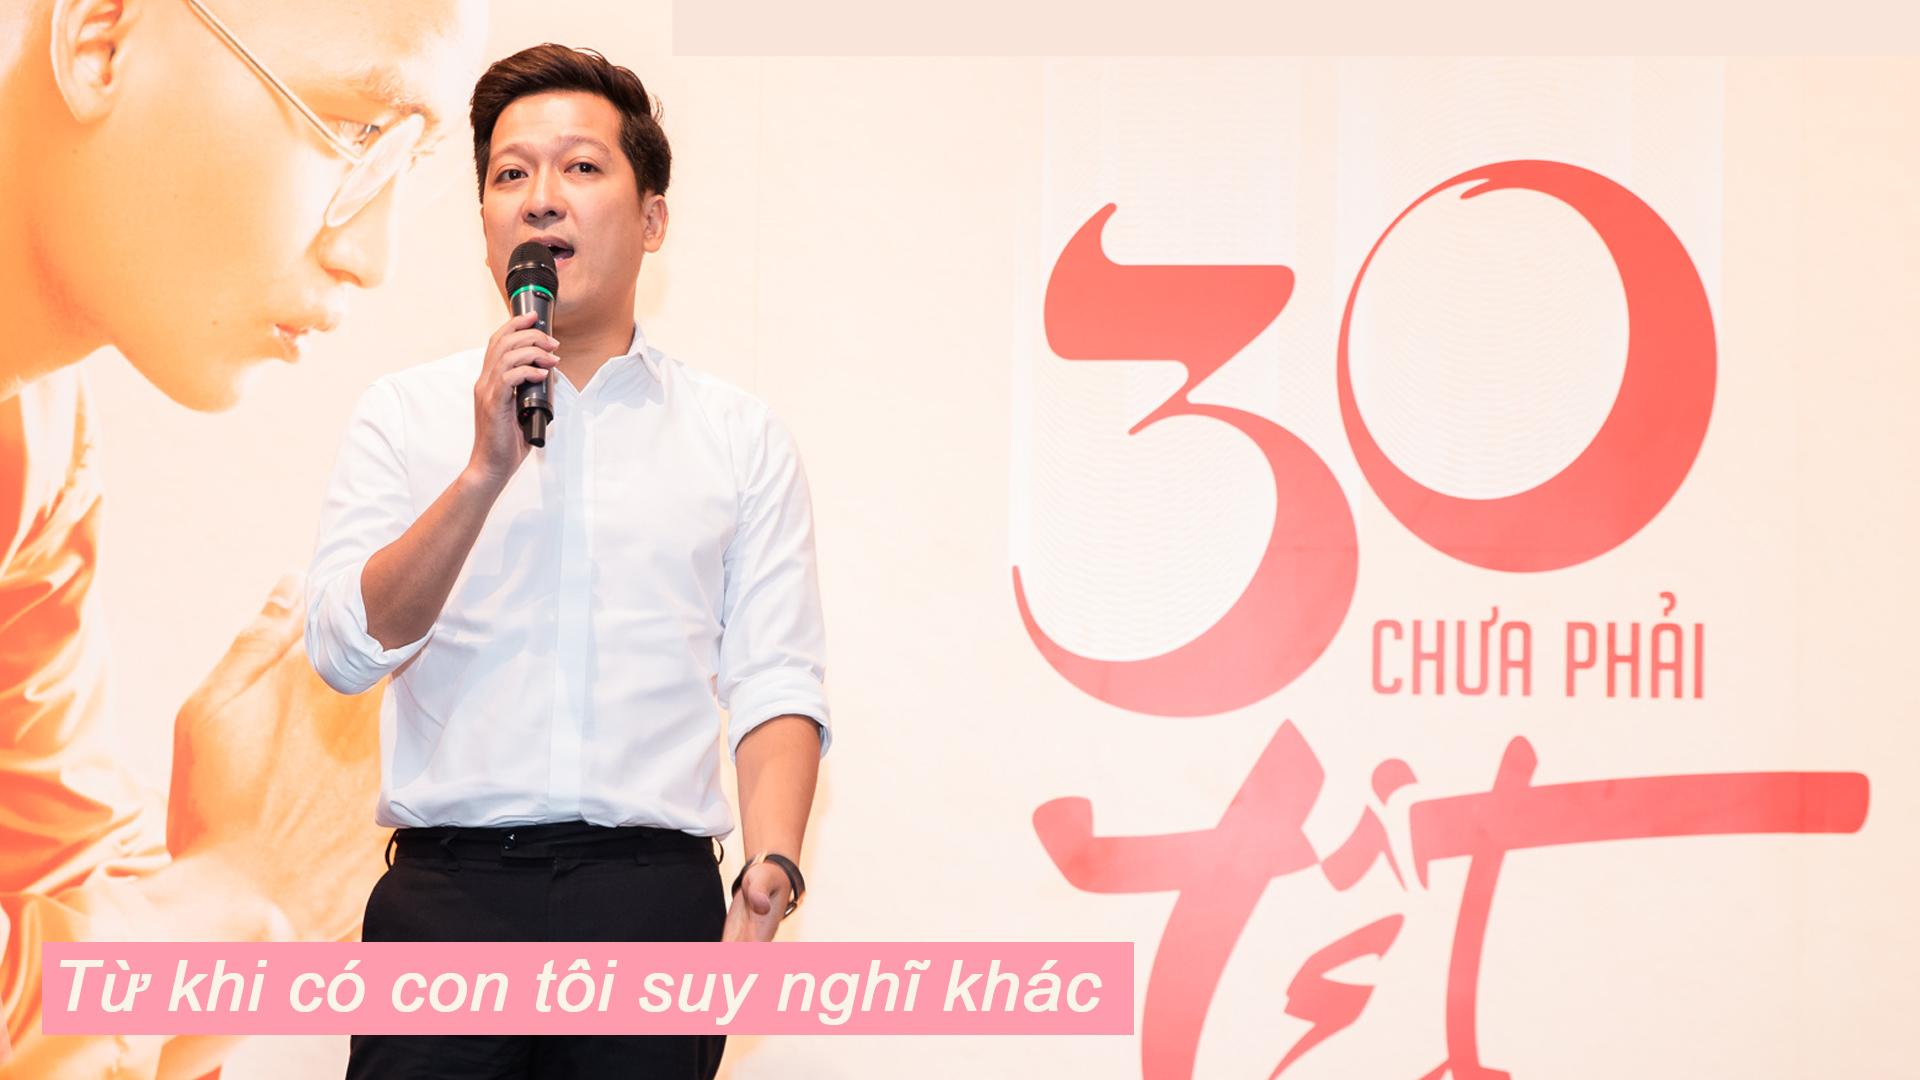 Phim Tết 23 tỷ của Trường Giang bị kiểm duyệt, có nguy cơ cấm ra rạp? - 6